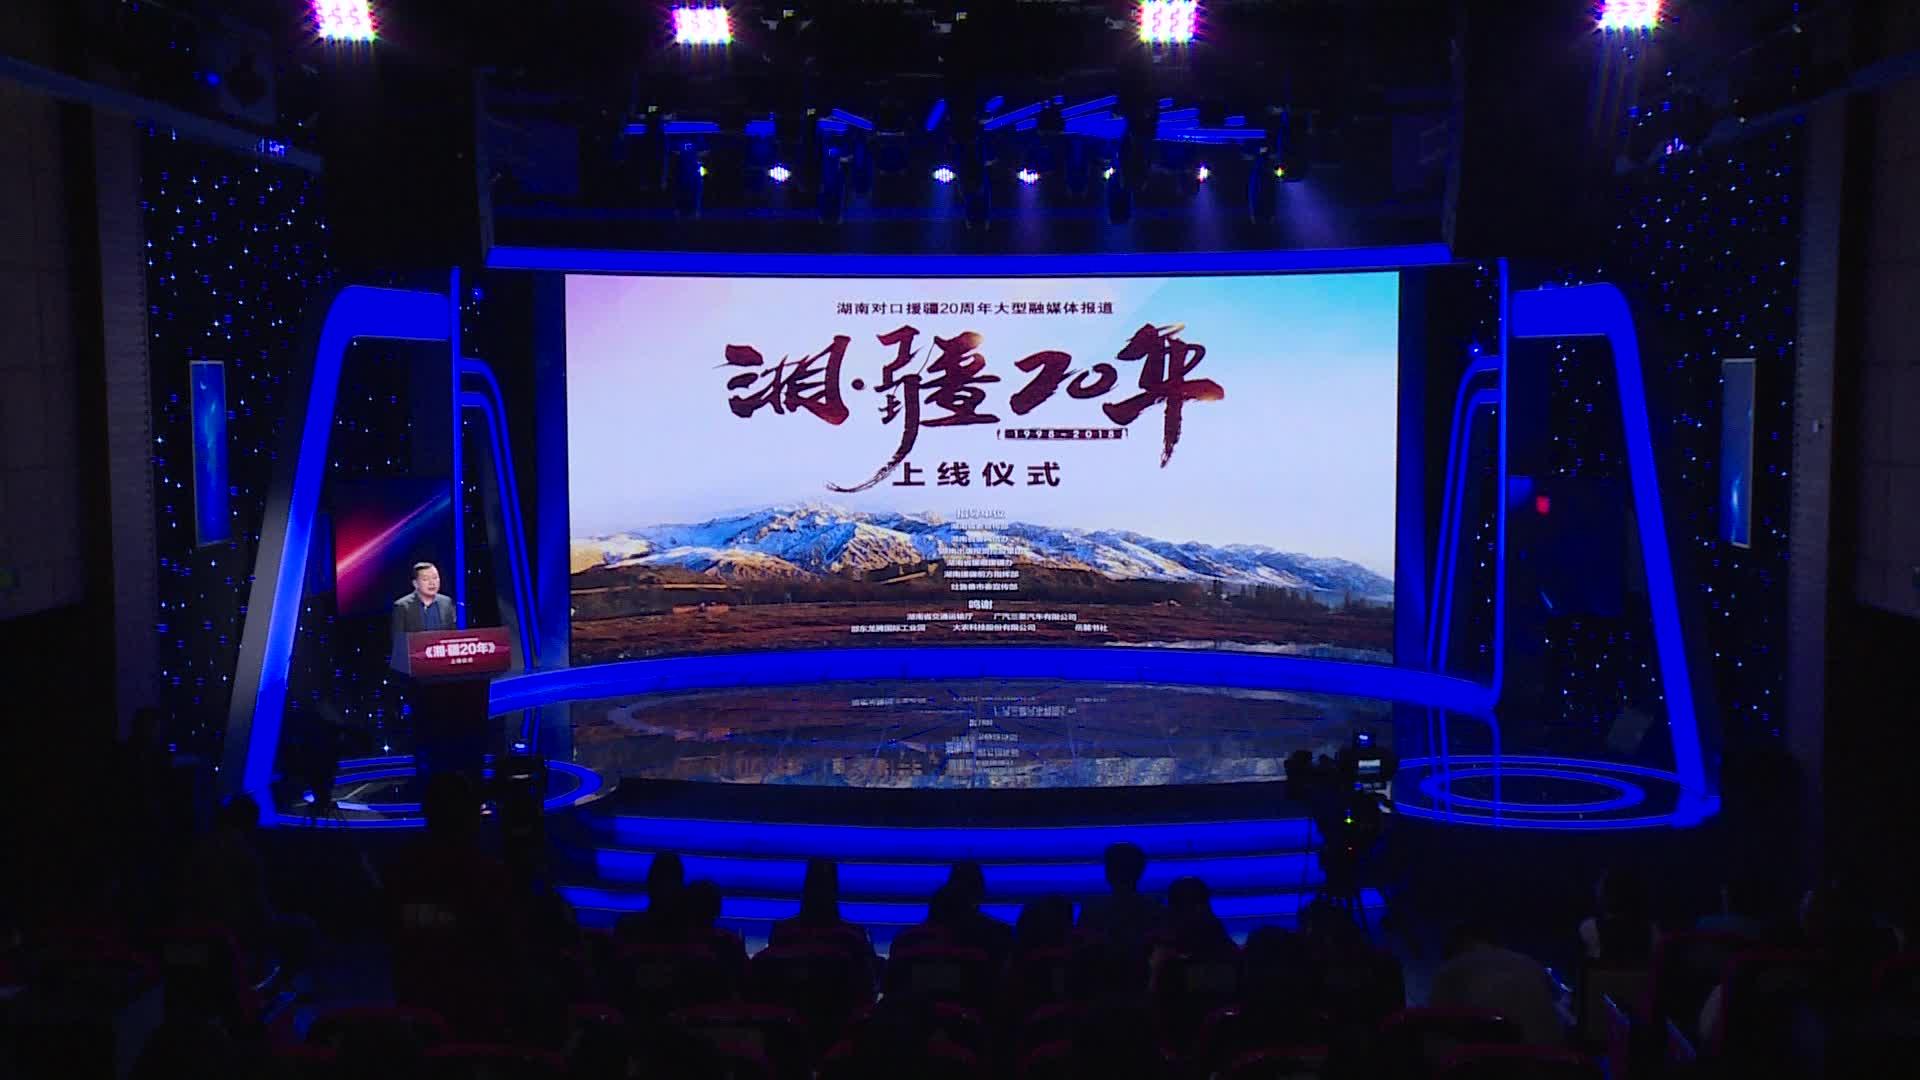 展示湖南对口援疆工作成果 红网融媒体专题报道《湘·疆20年》上线